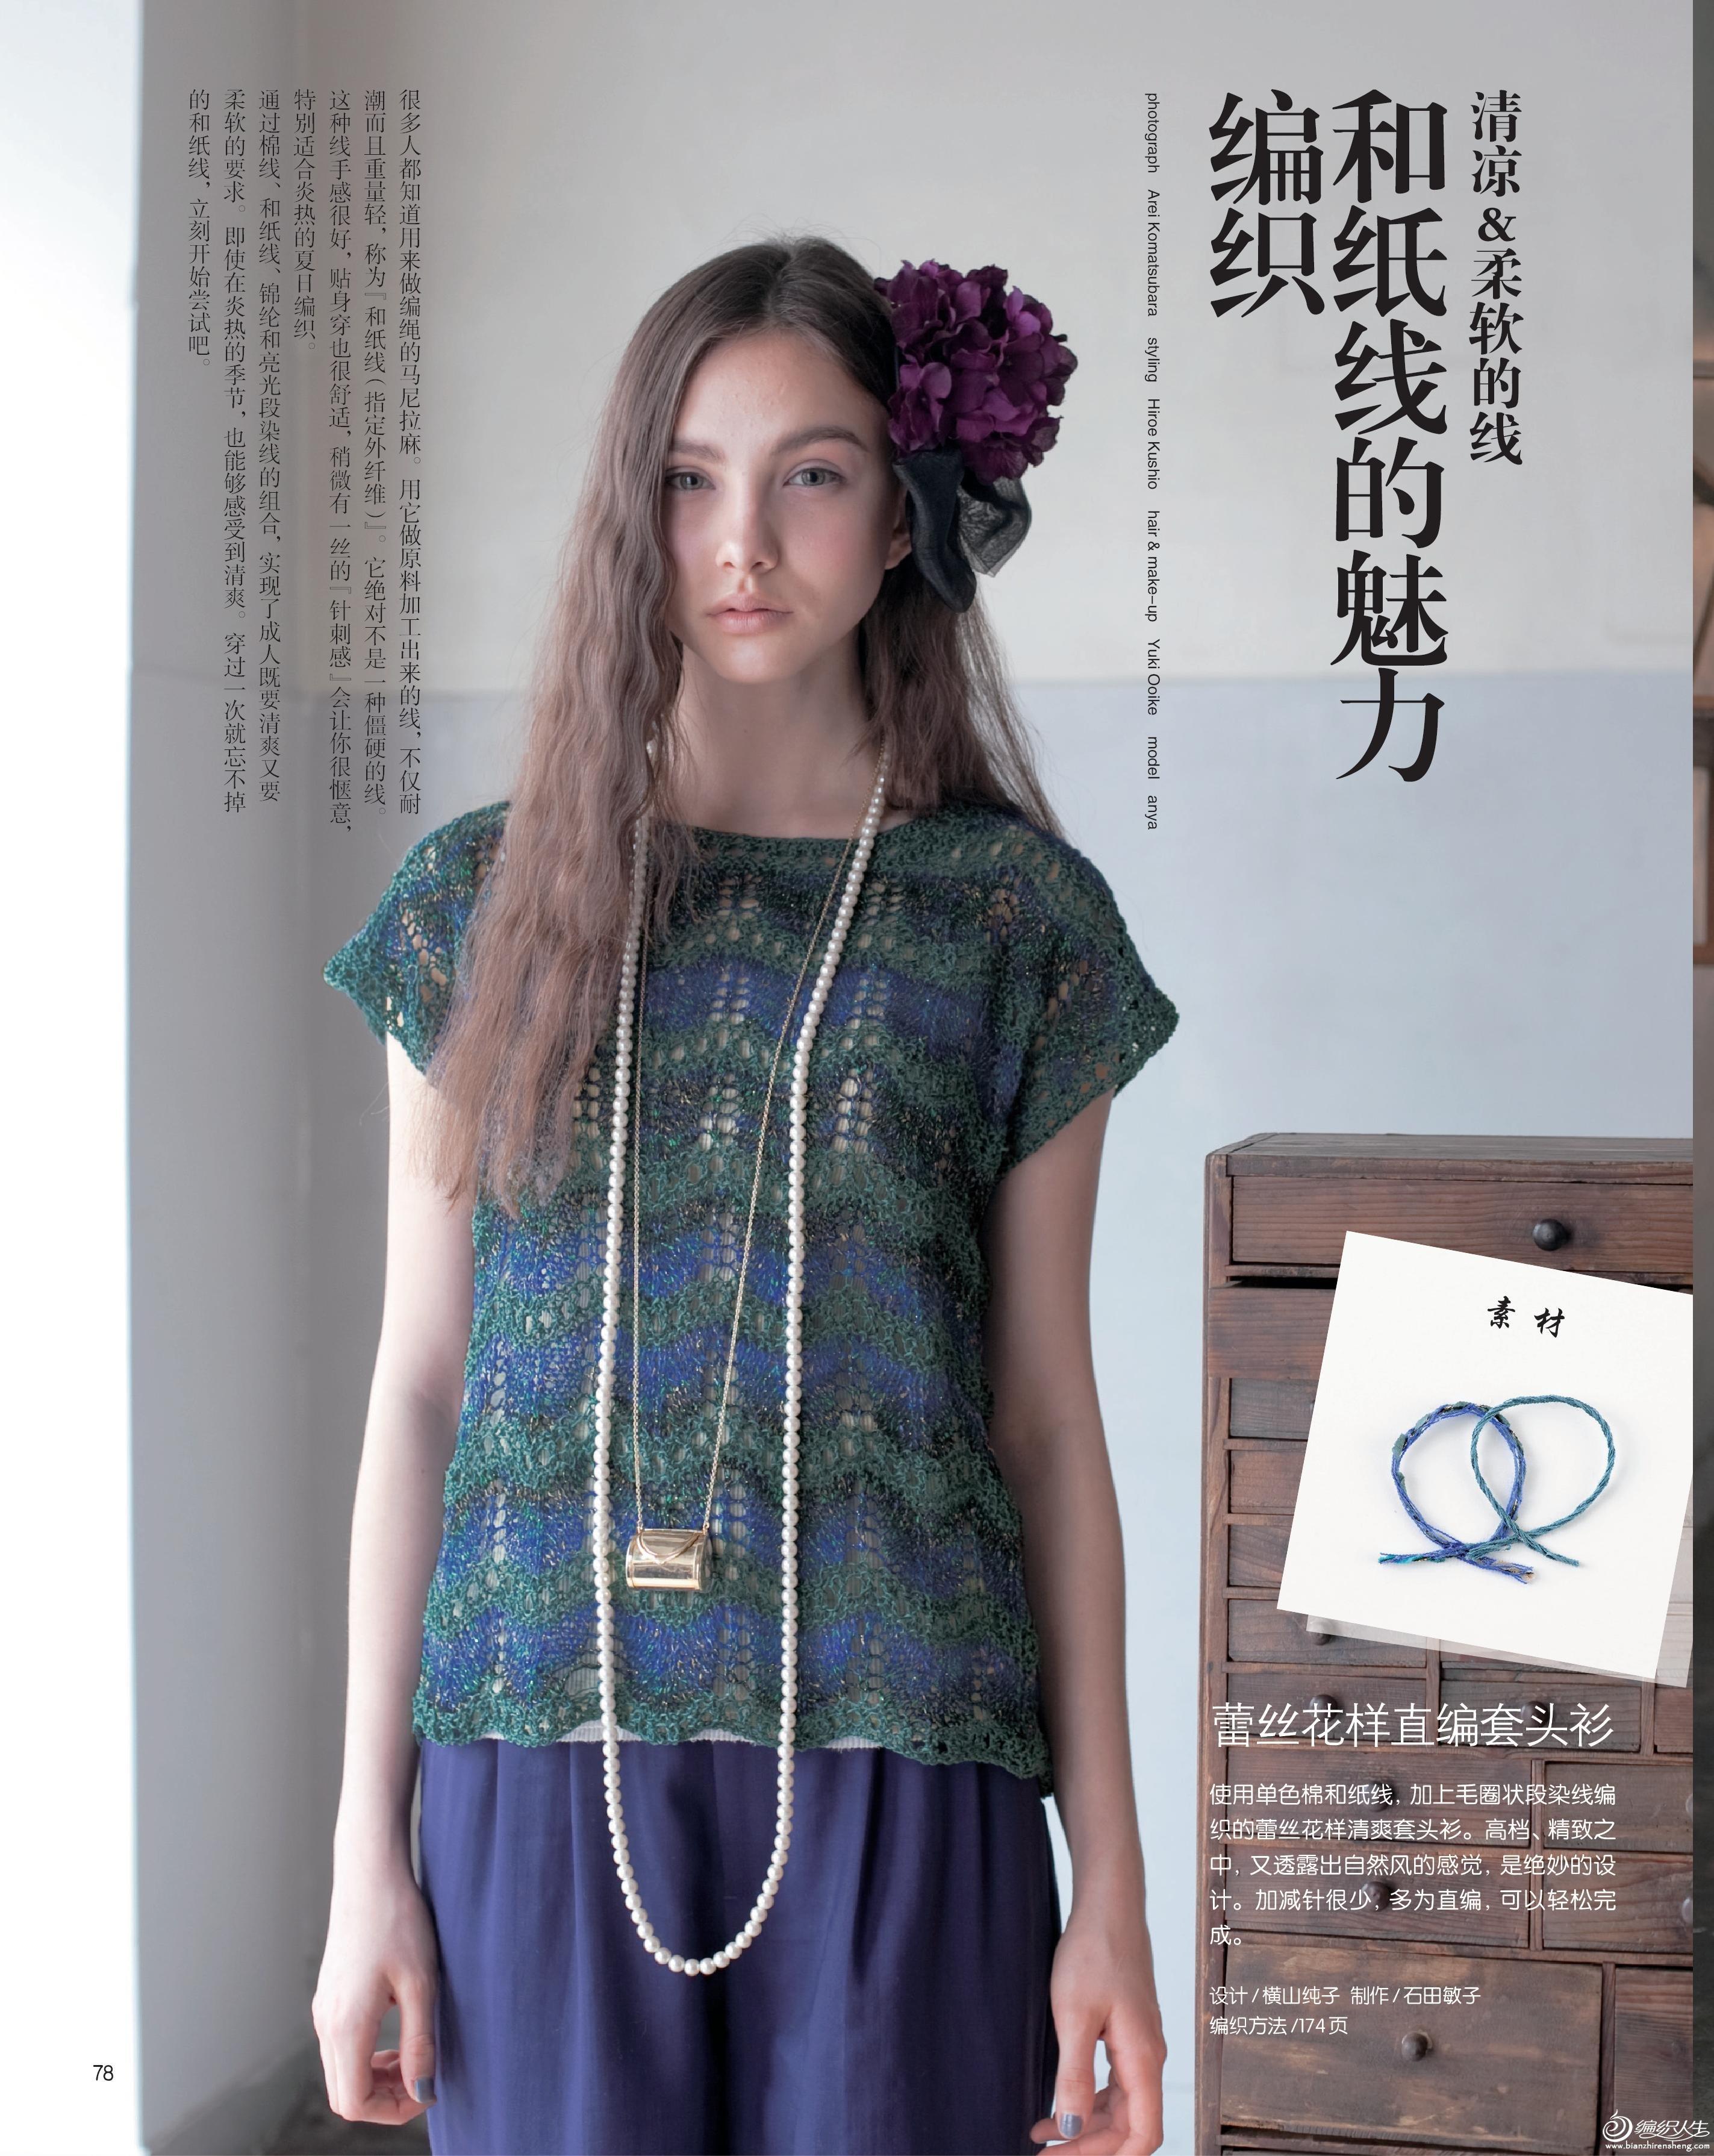 毛线球 5  编织和制线的魅力.jpg